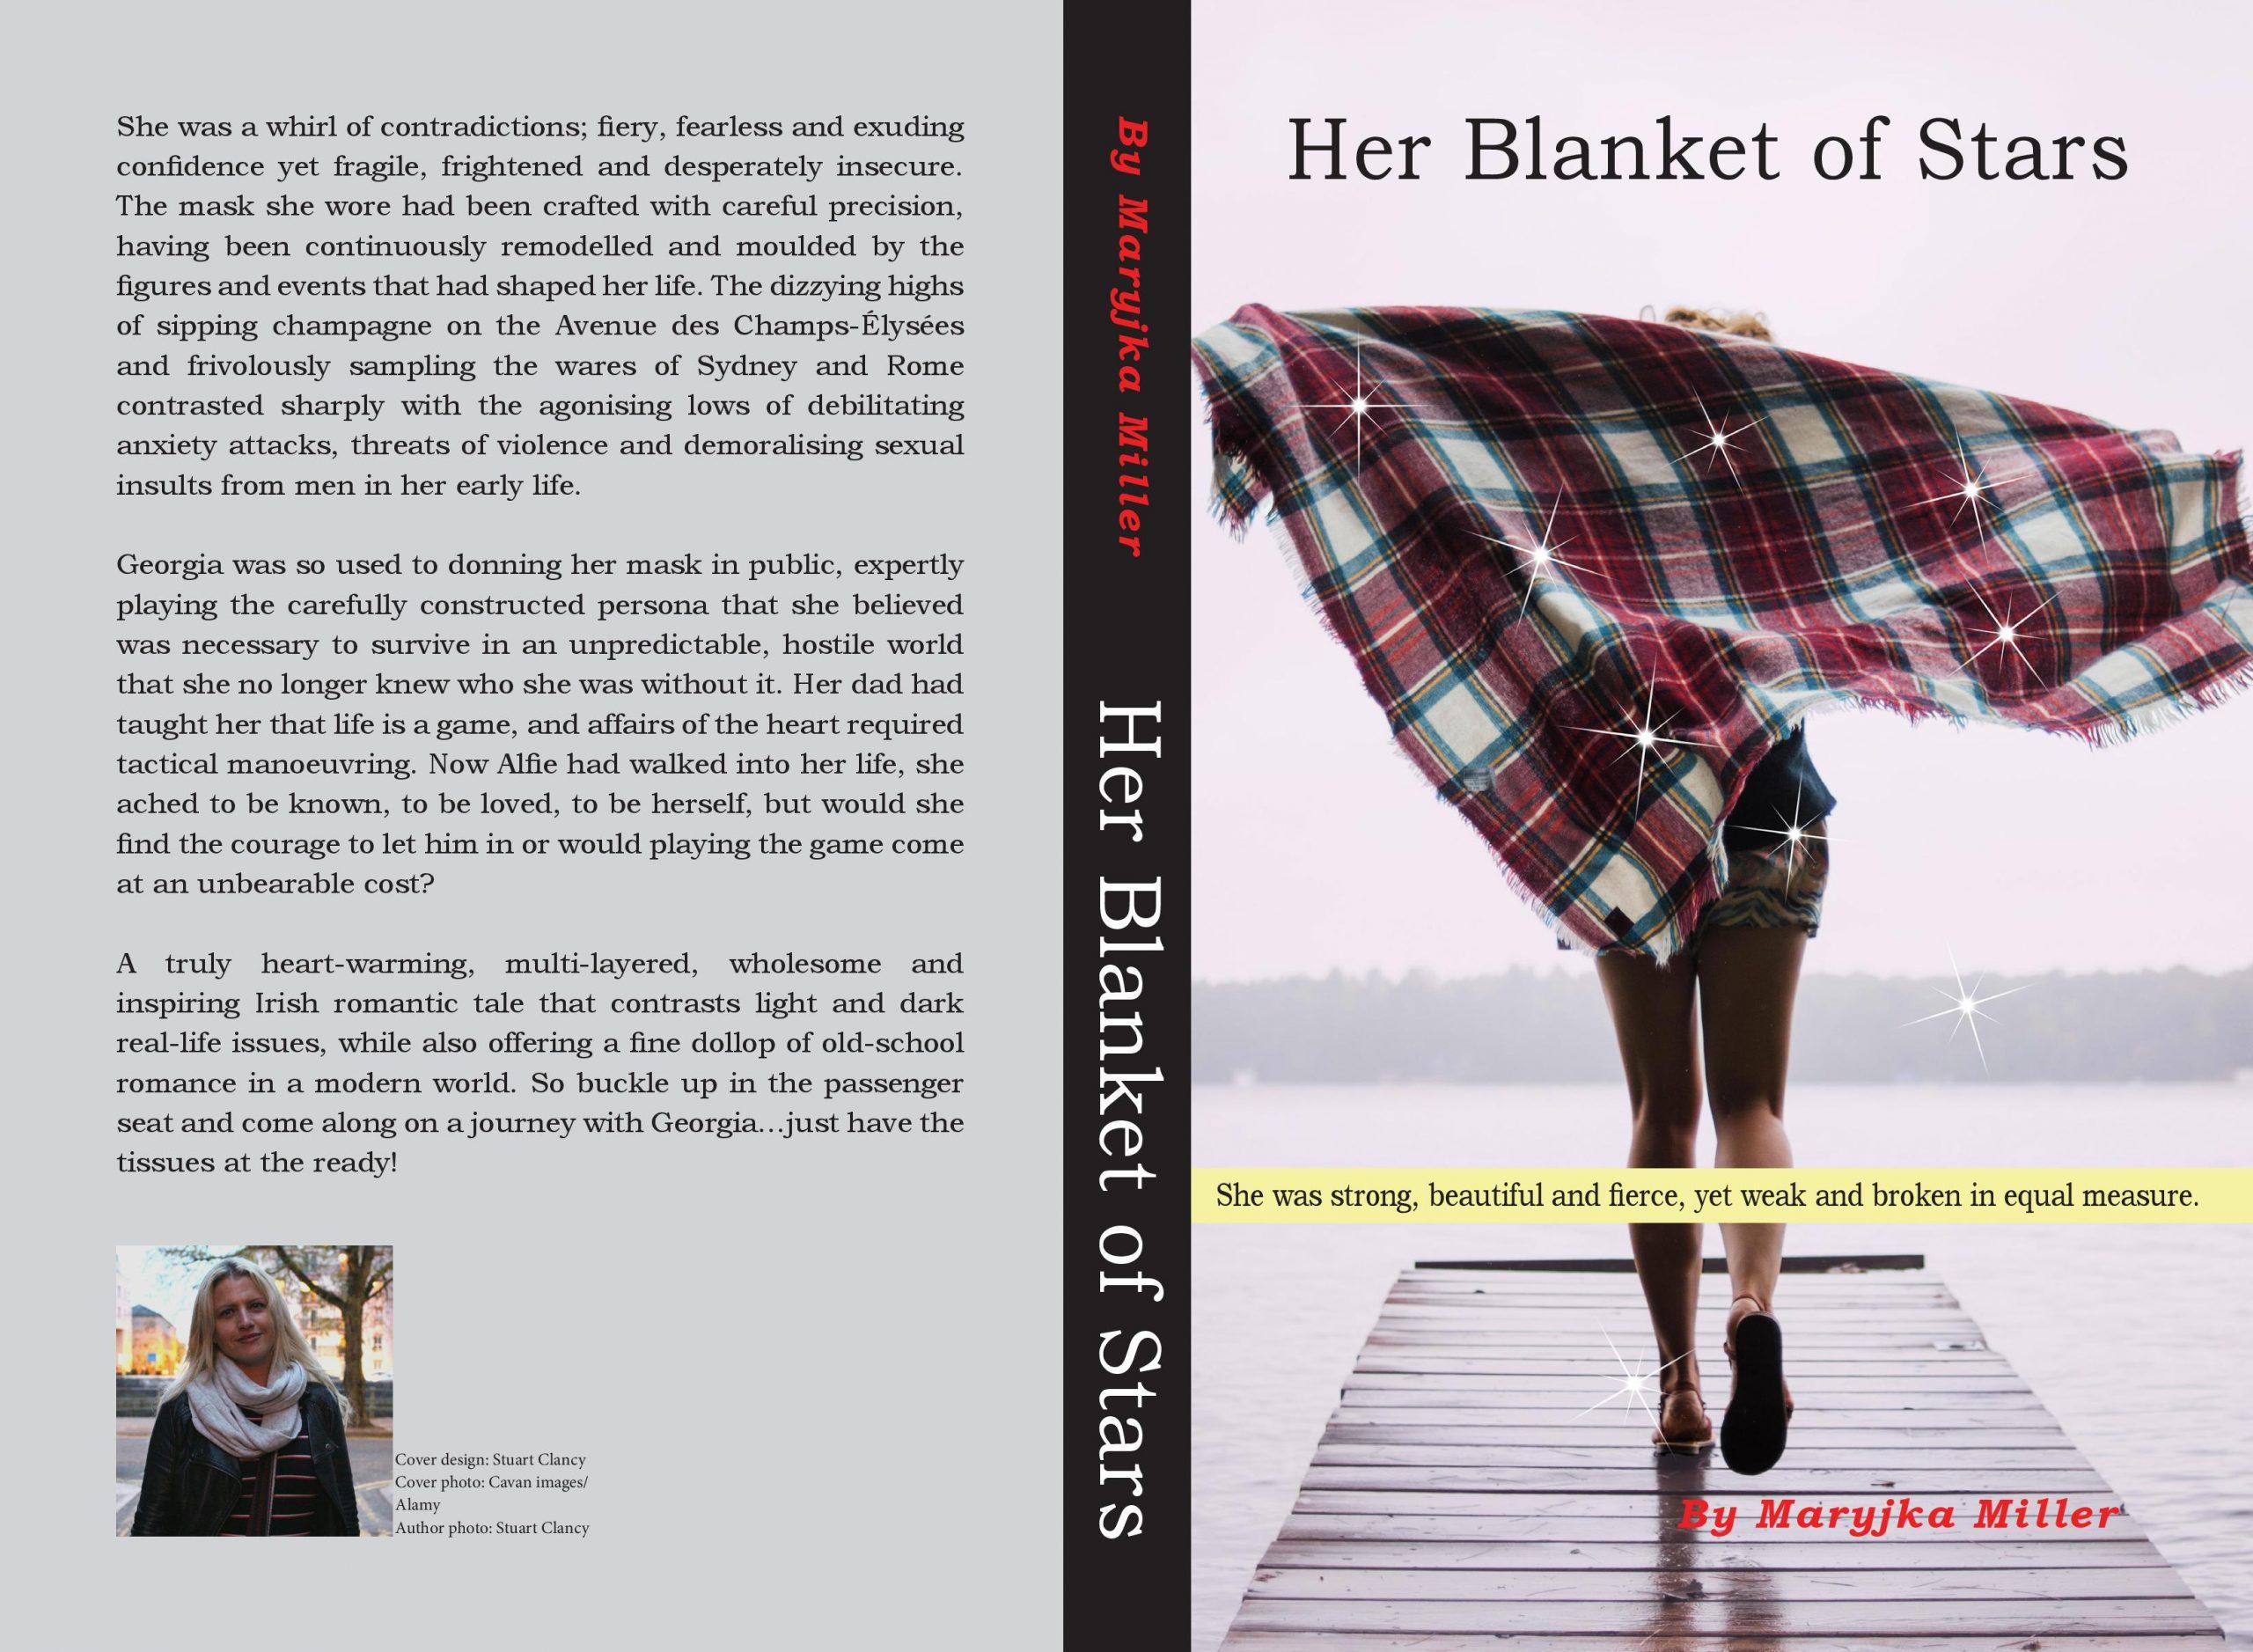 her blanket of stars